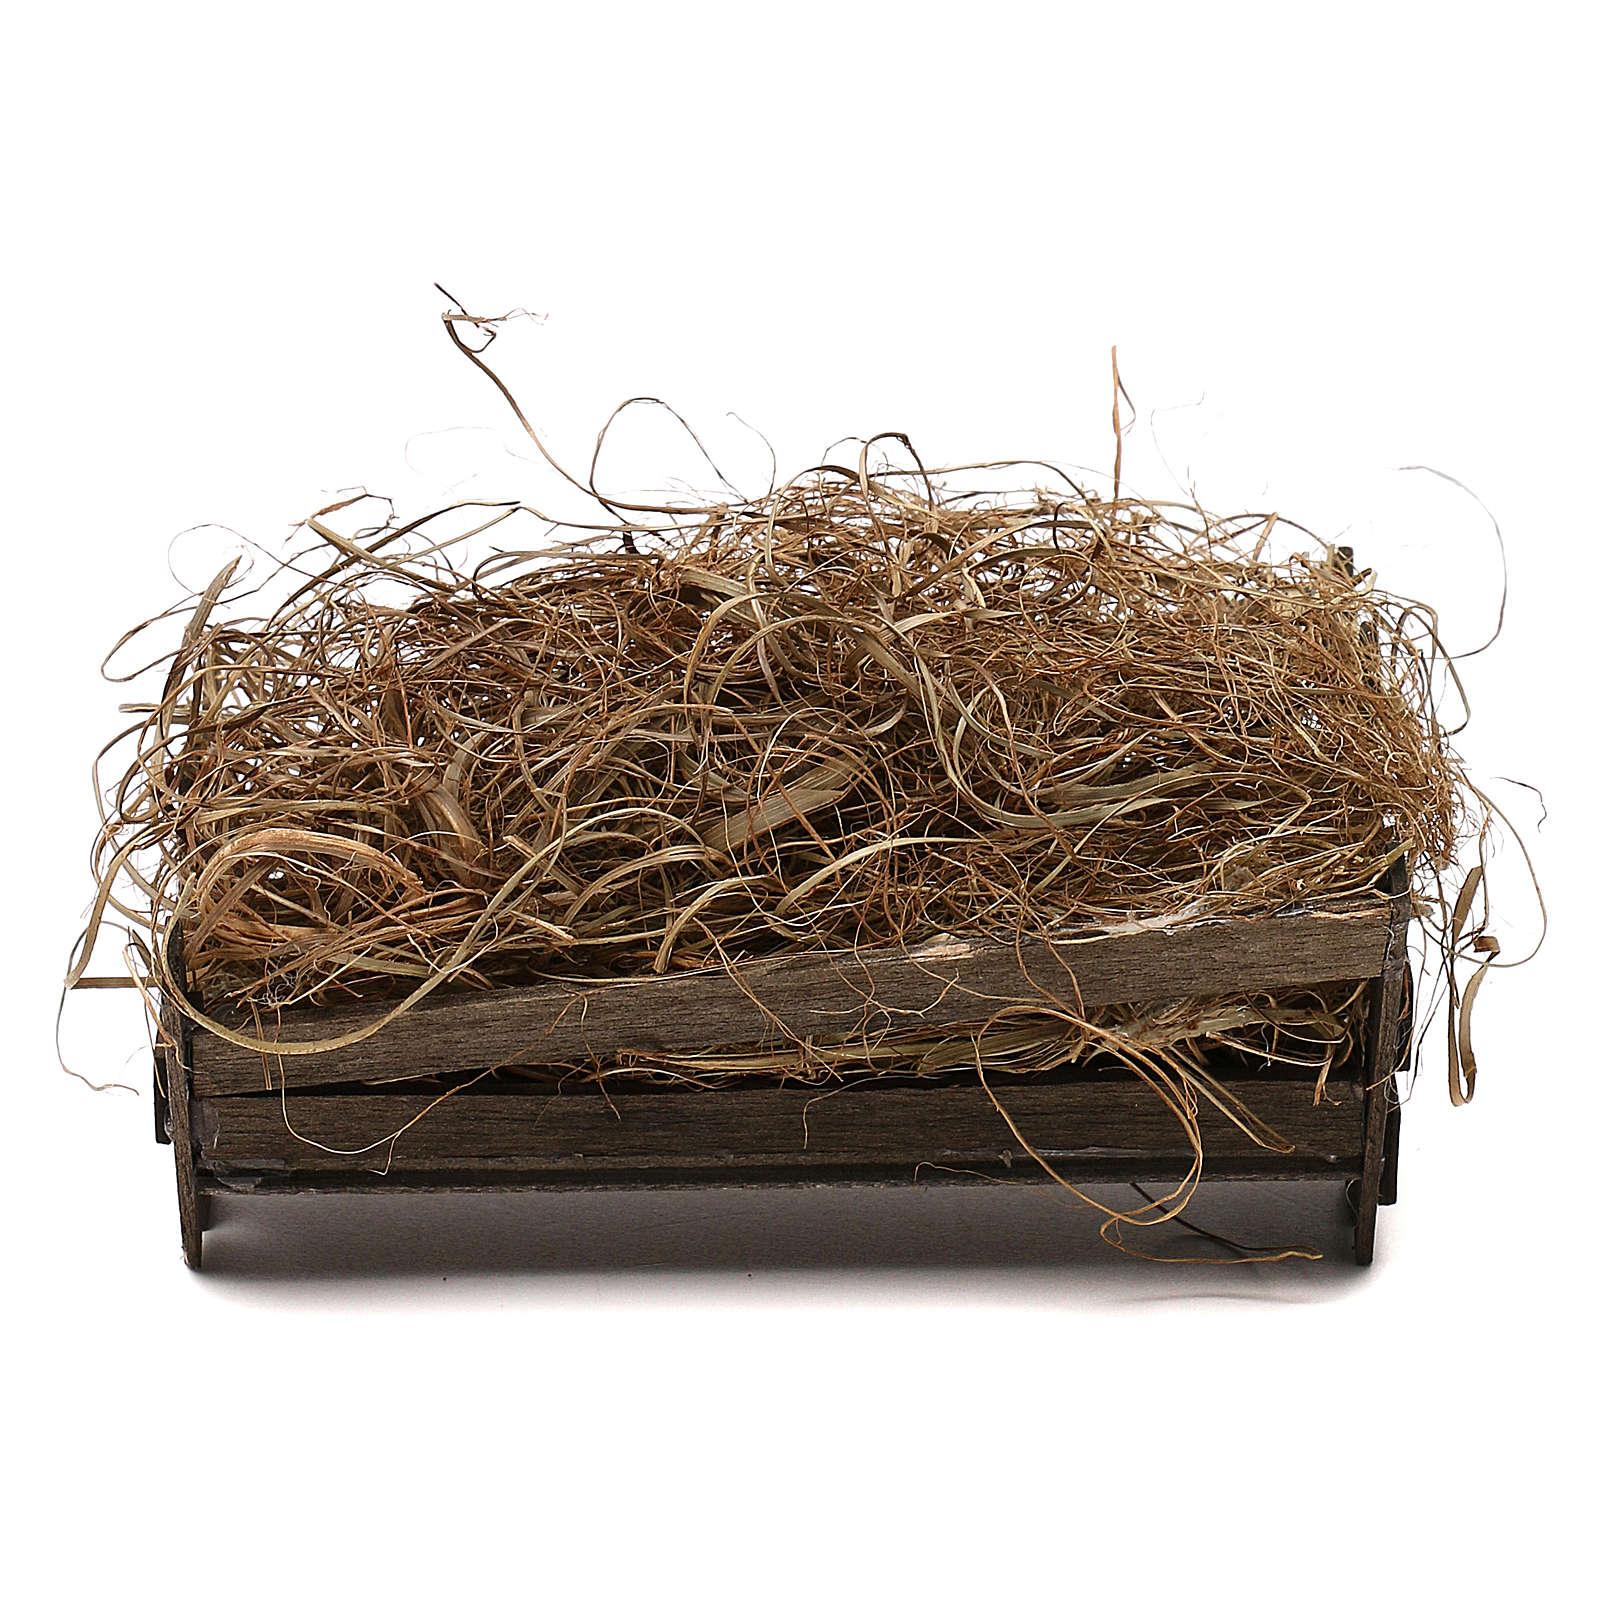 STOCK Culla per Gesù Bambino 30 cm legno e terracotta presepe napoletano 4